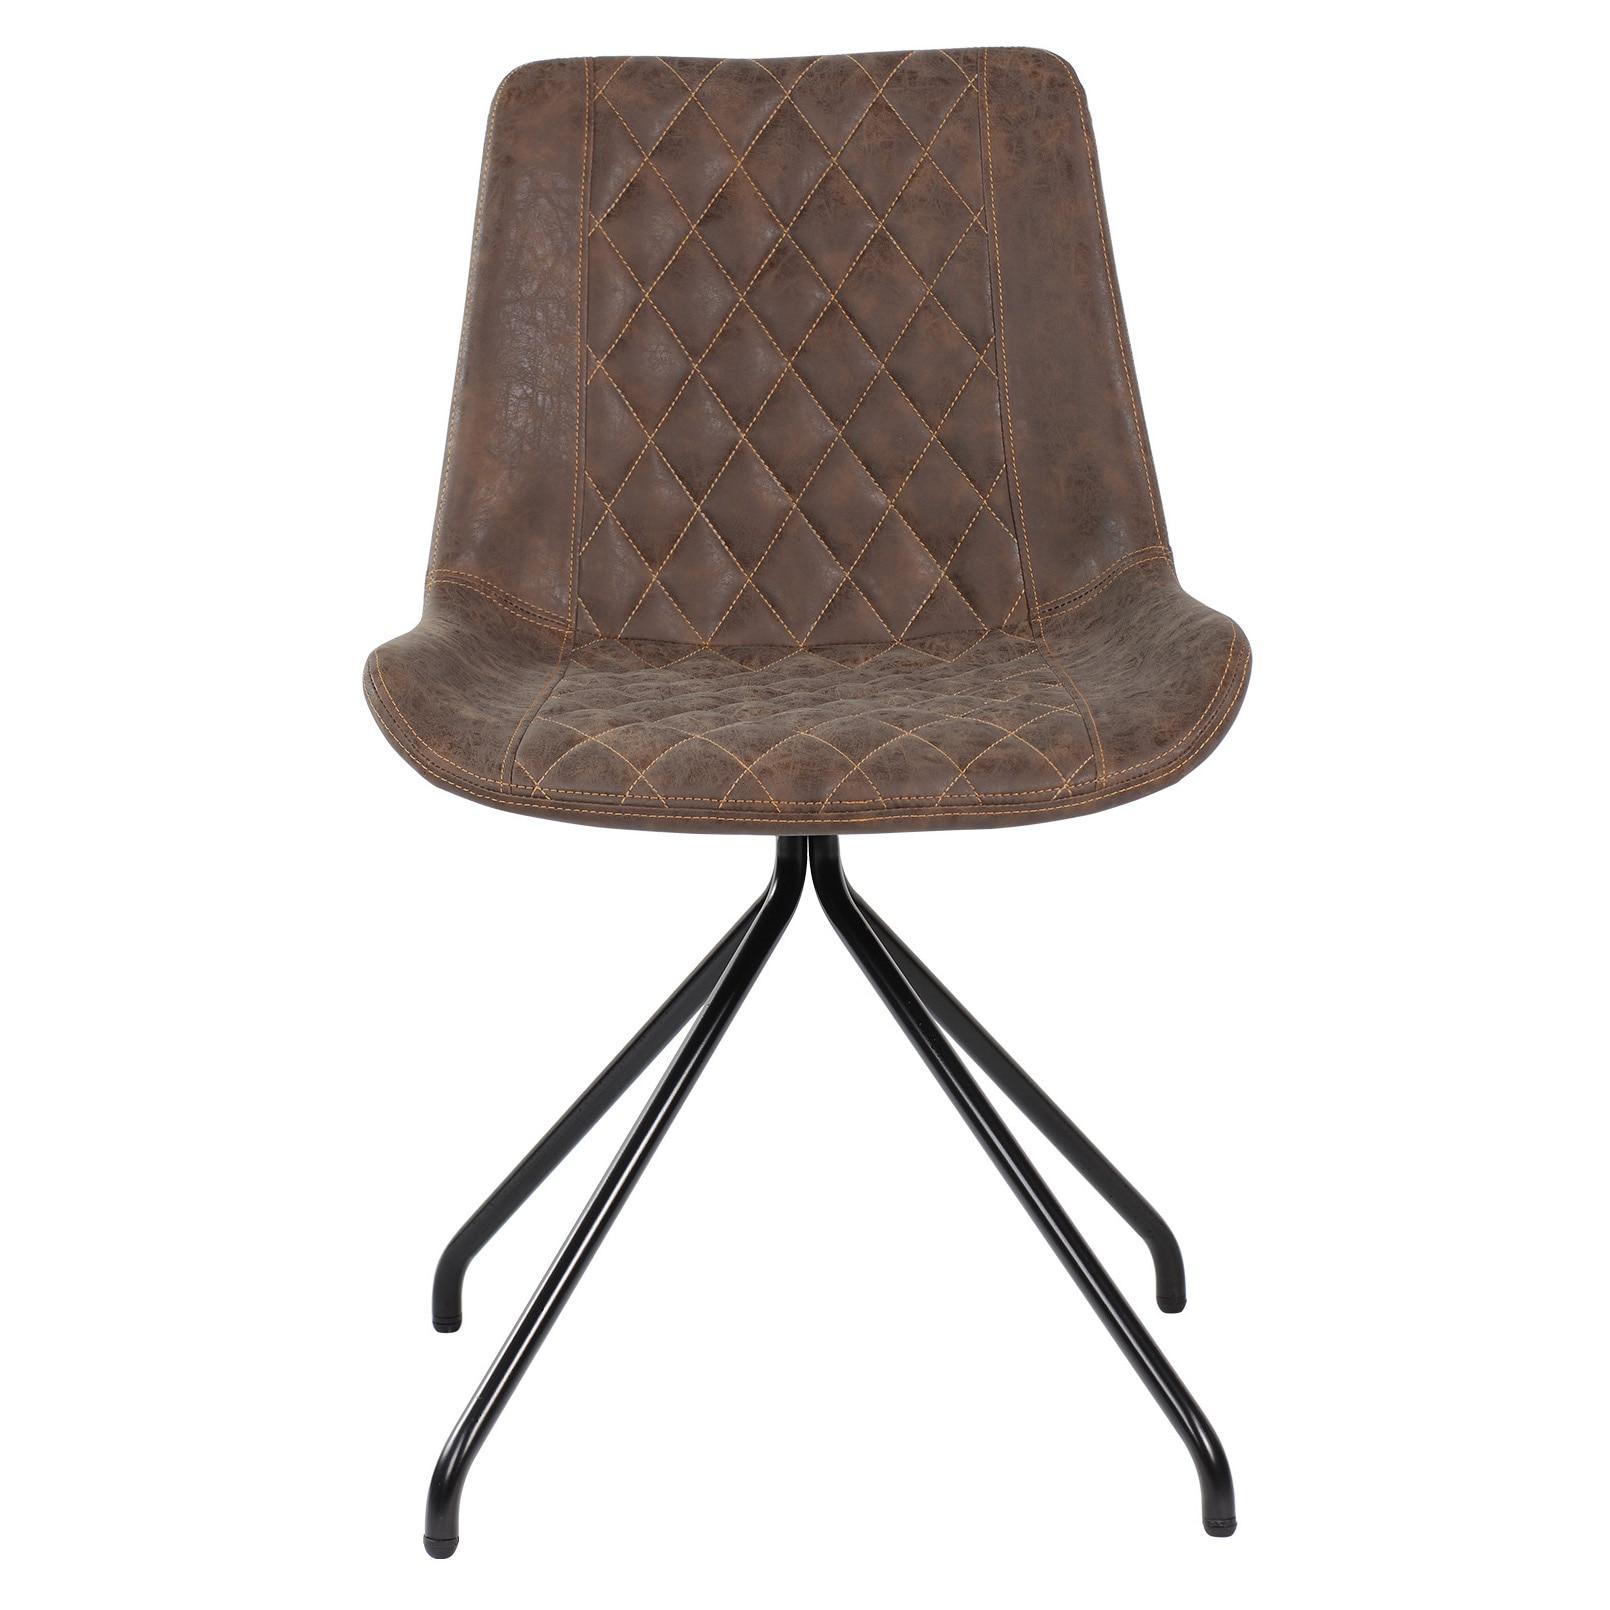 Kring Camus Étkező szék, PU, Antracit barna eMAG.hu